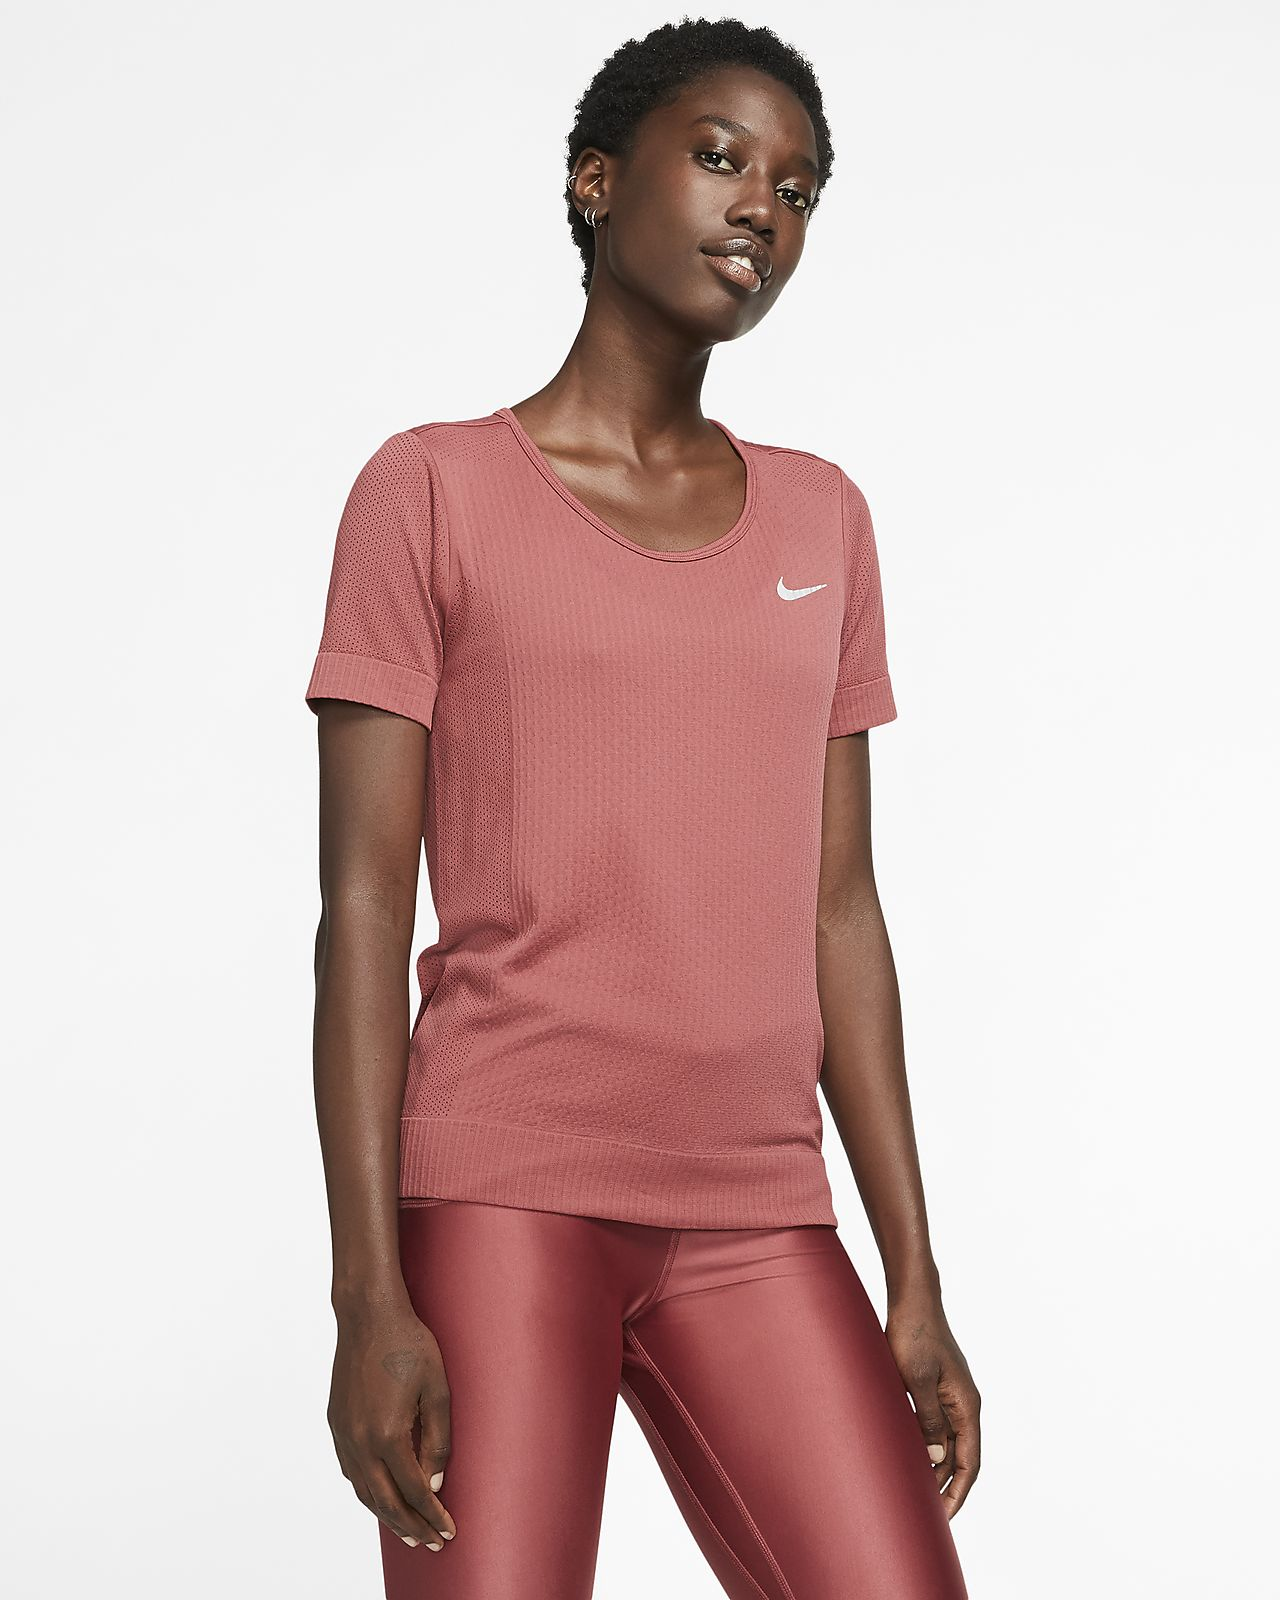 Nike Infinite kortermet løpeoverdel til dame